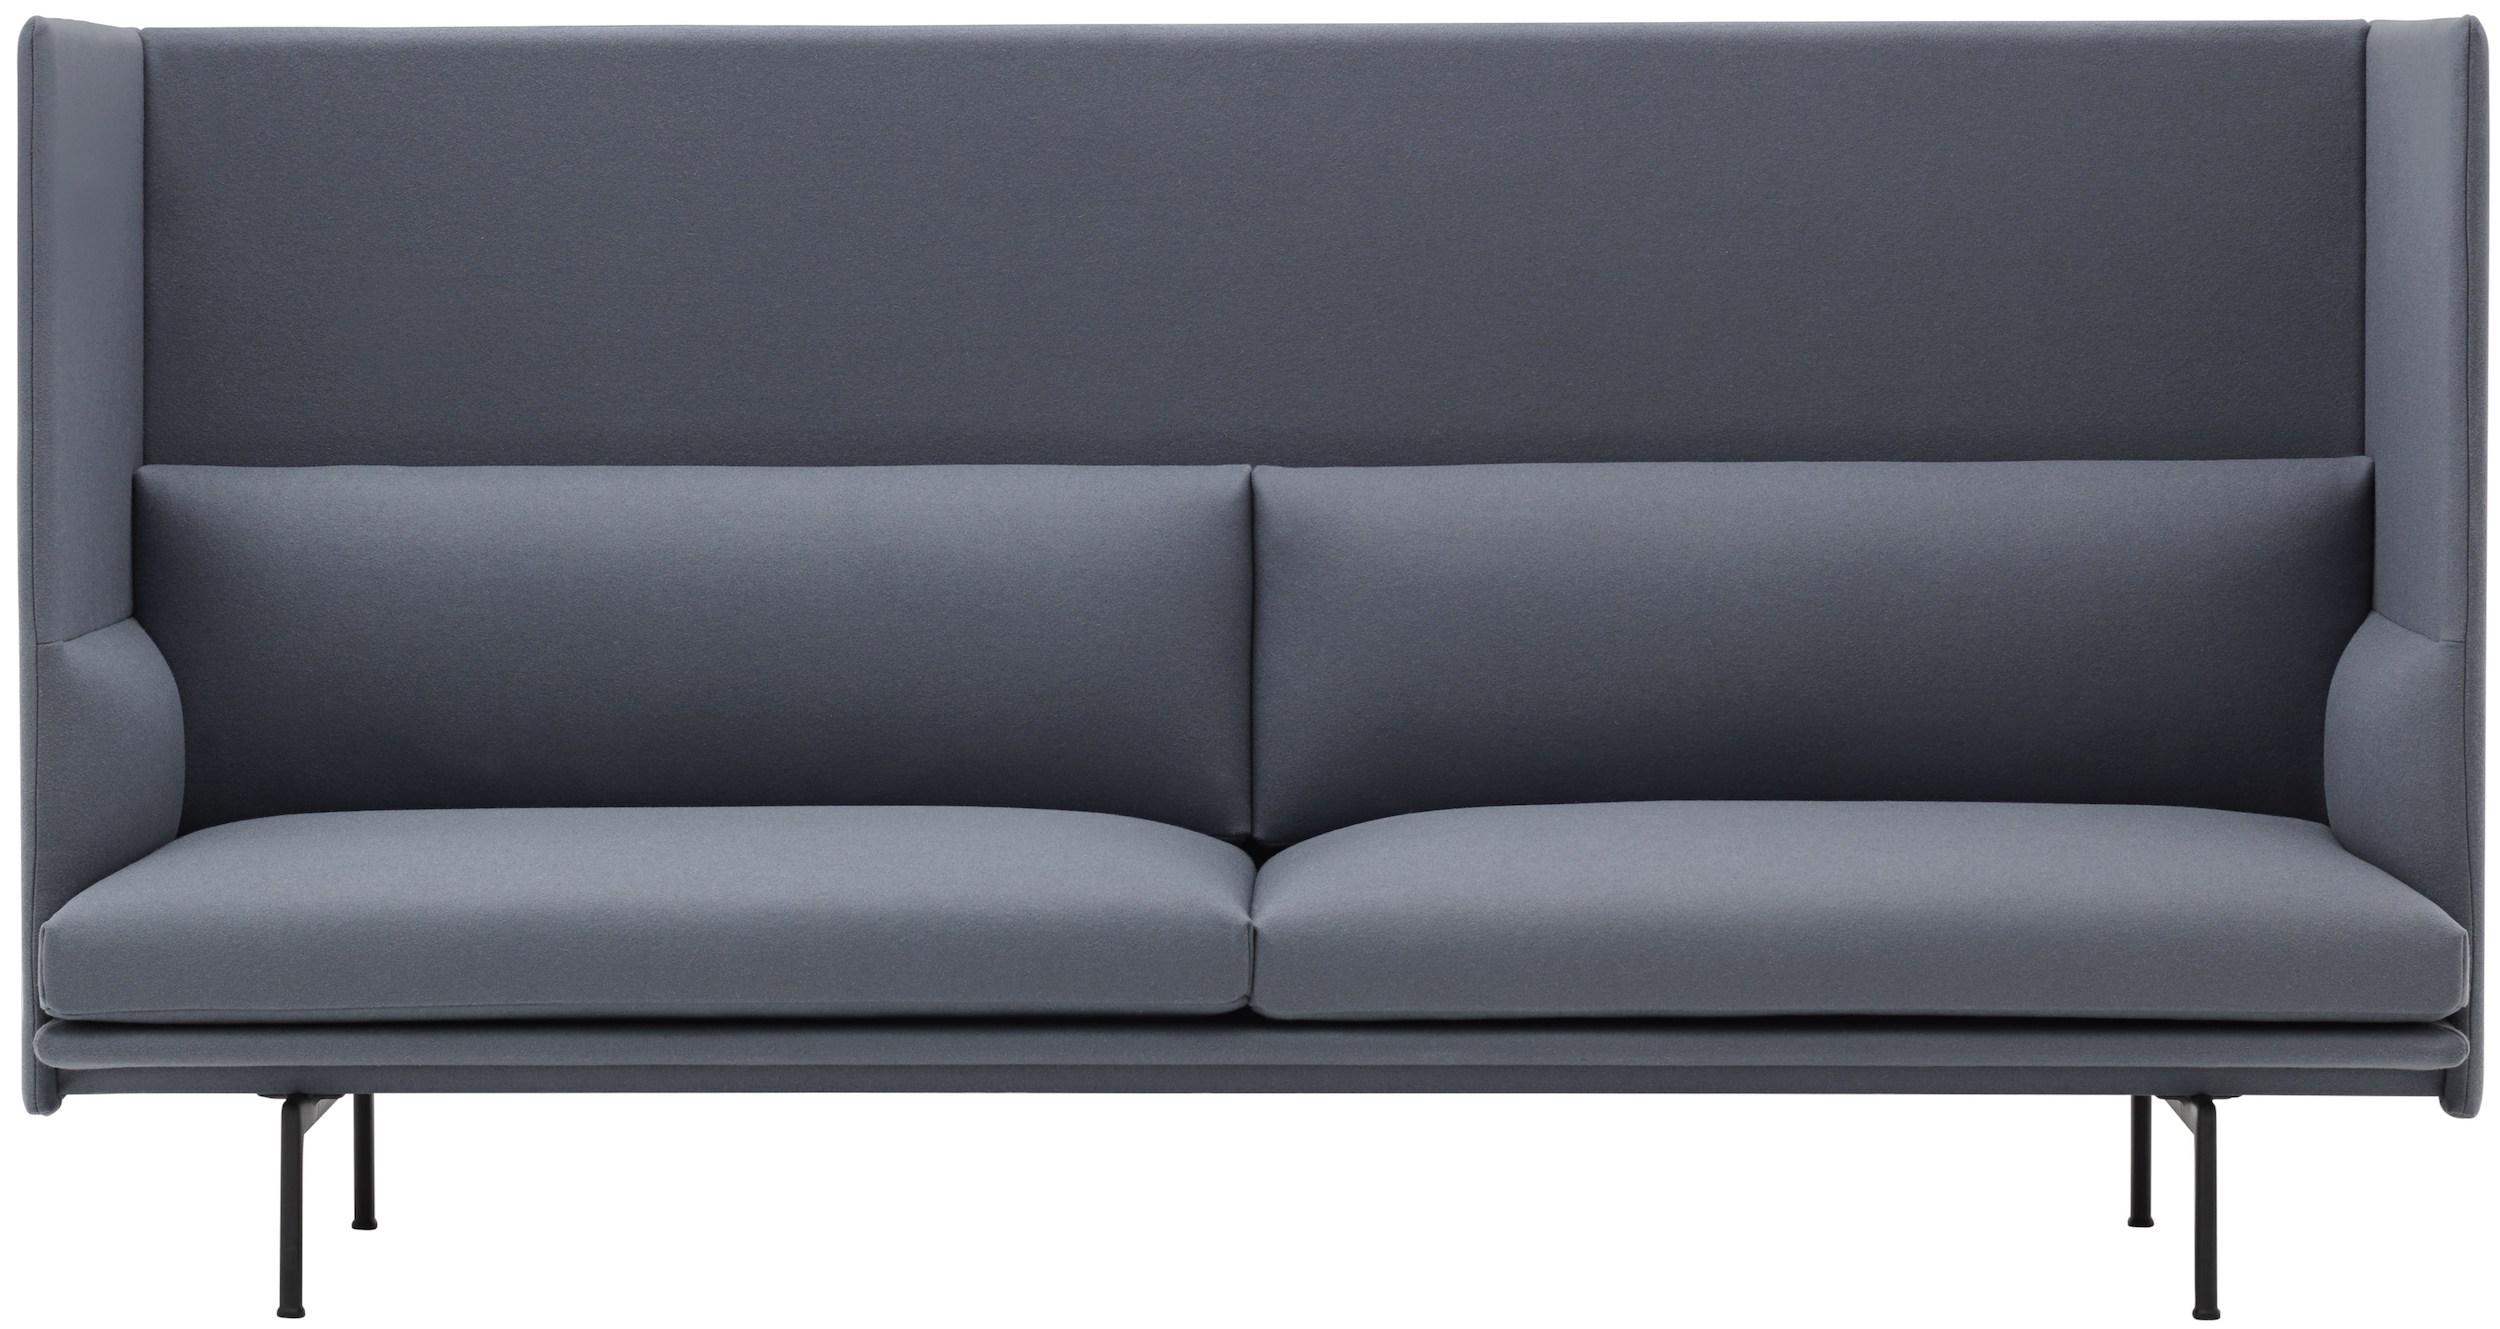 Muuto - Outline Highback sofa – design Anderssen & Voll, 2018